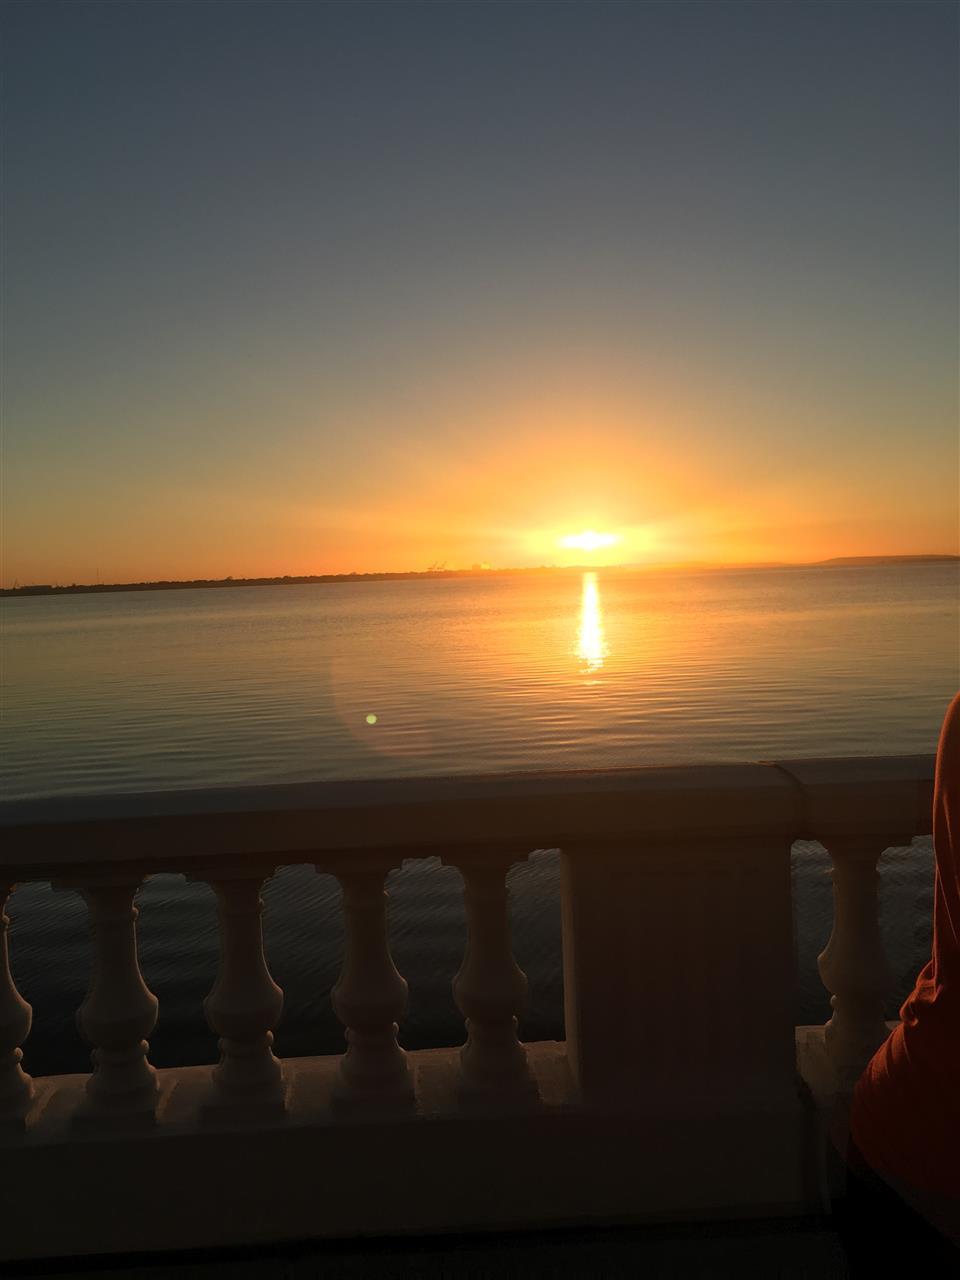 Sunrise over Tampa Bay #Tampabay #smithandassociates #leadingrelocal